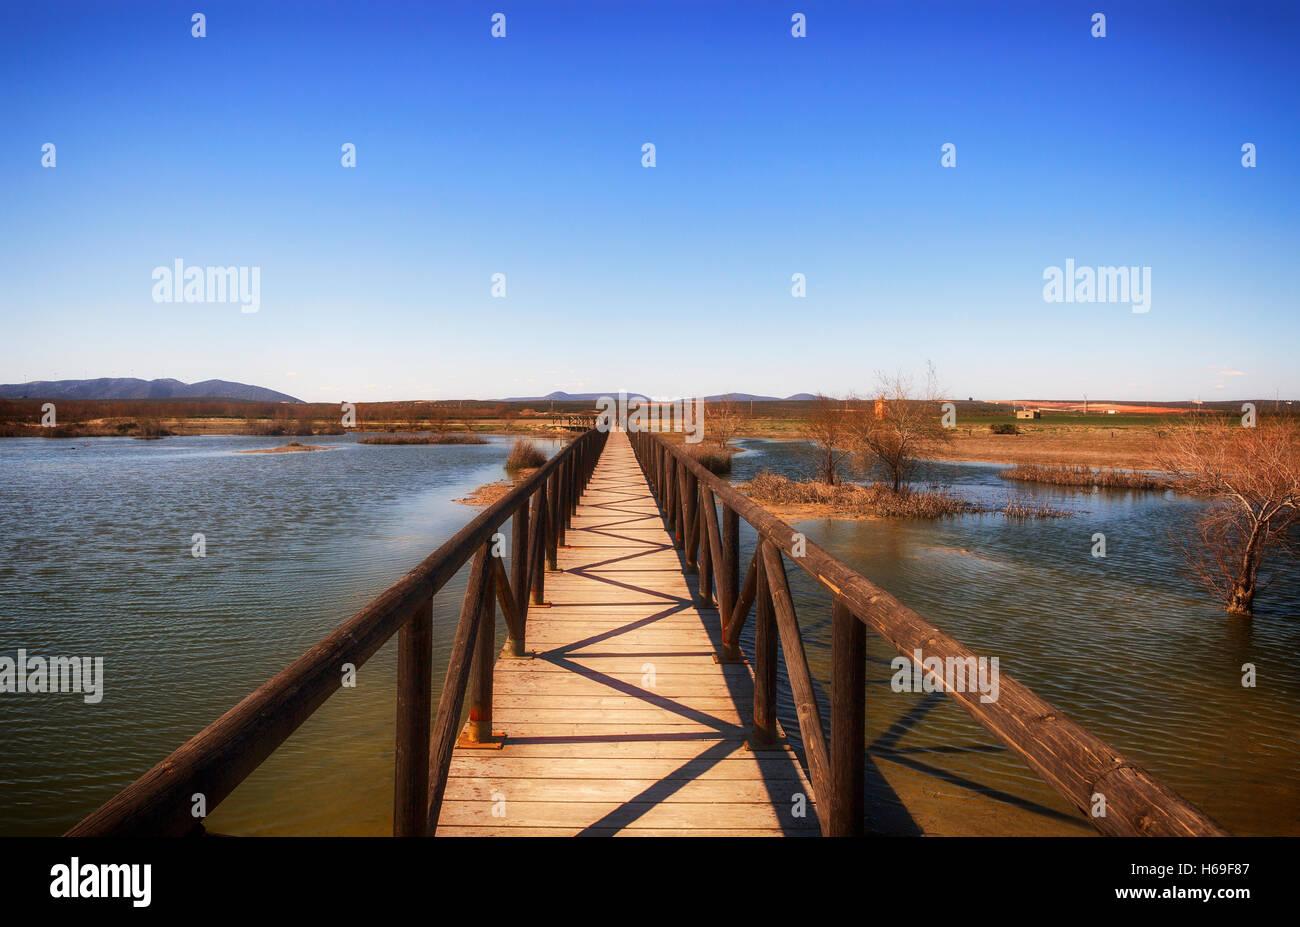 Walkway over lagoon Laguna de Fuente de Piedra Malaga Province